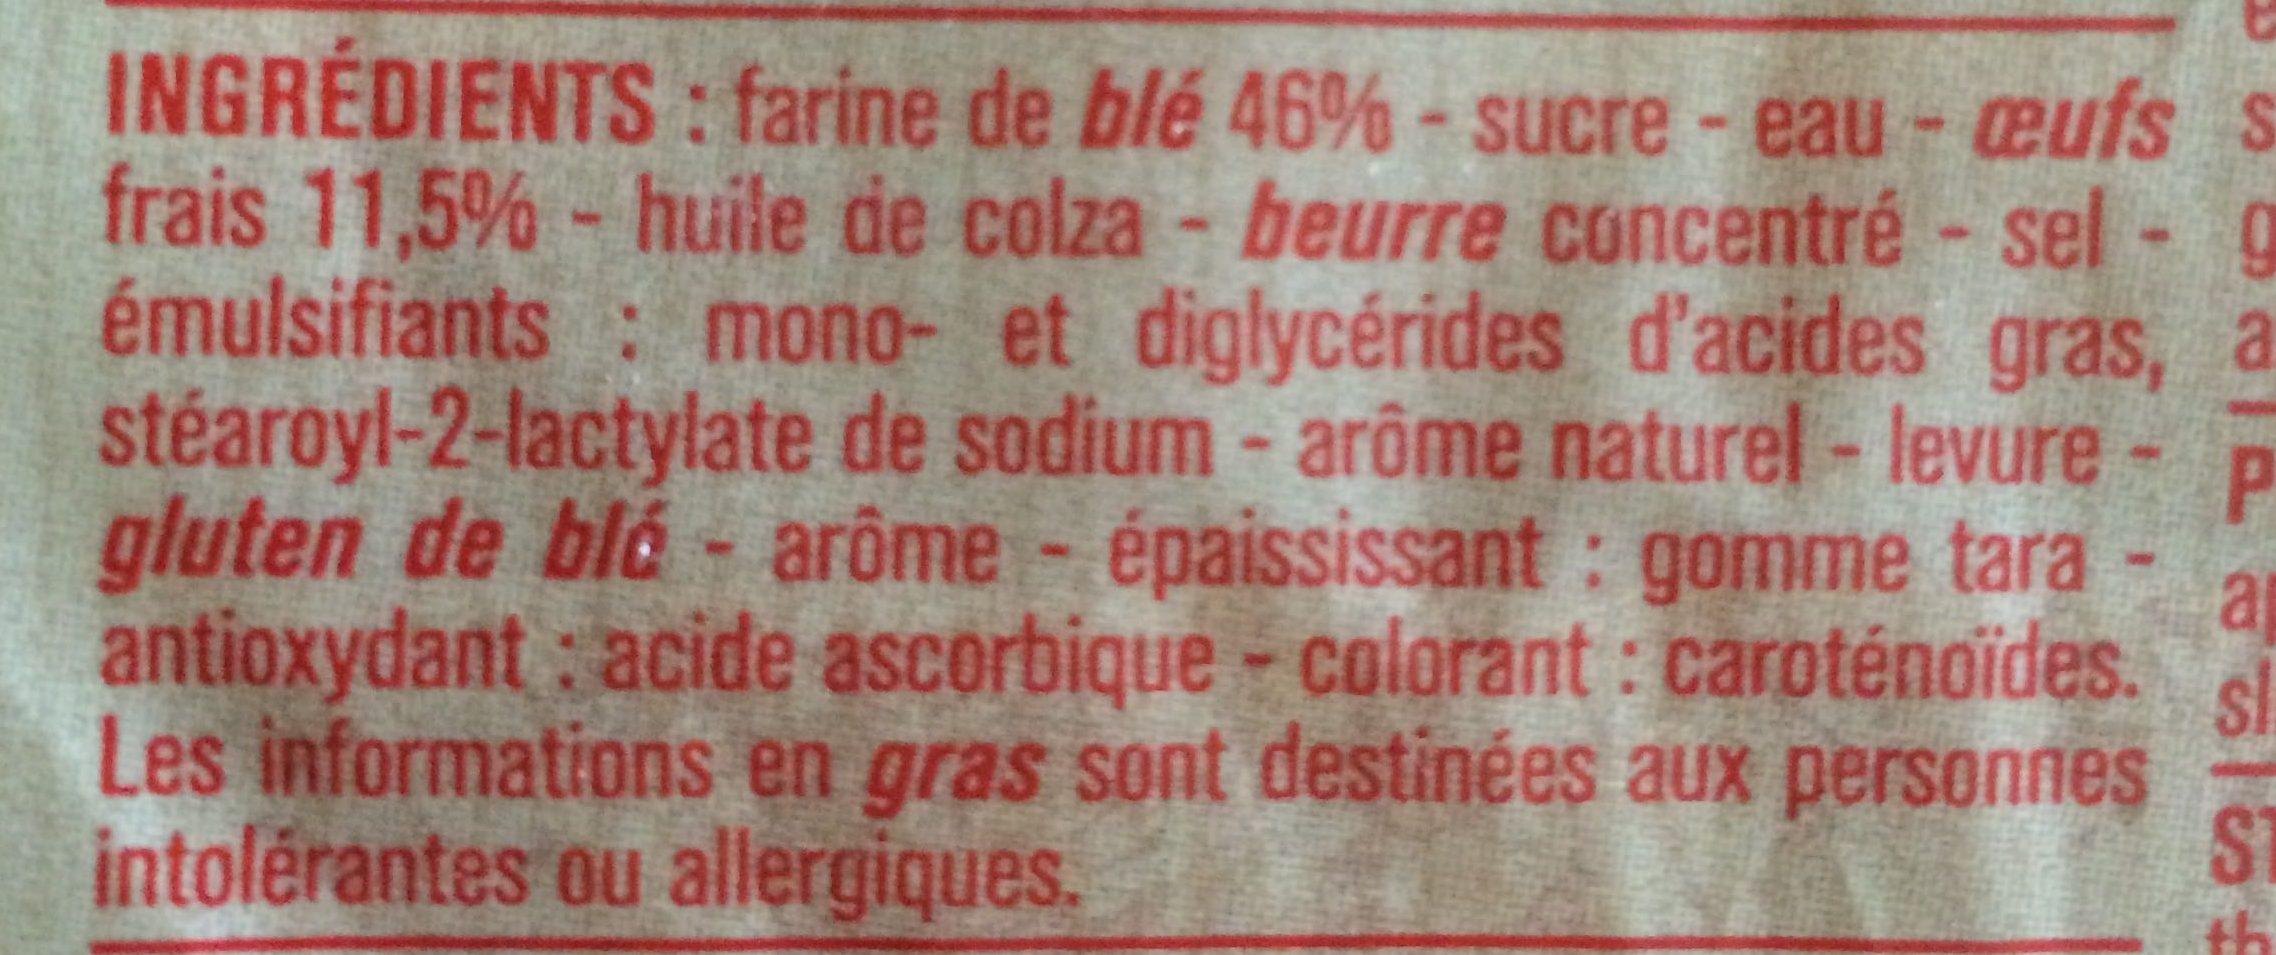 P'tit prix Brioche tranchée aux Œufs Frais - Ingredients - fr